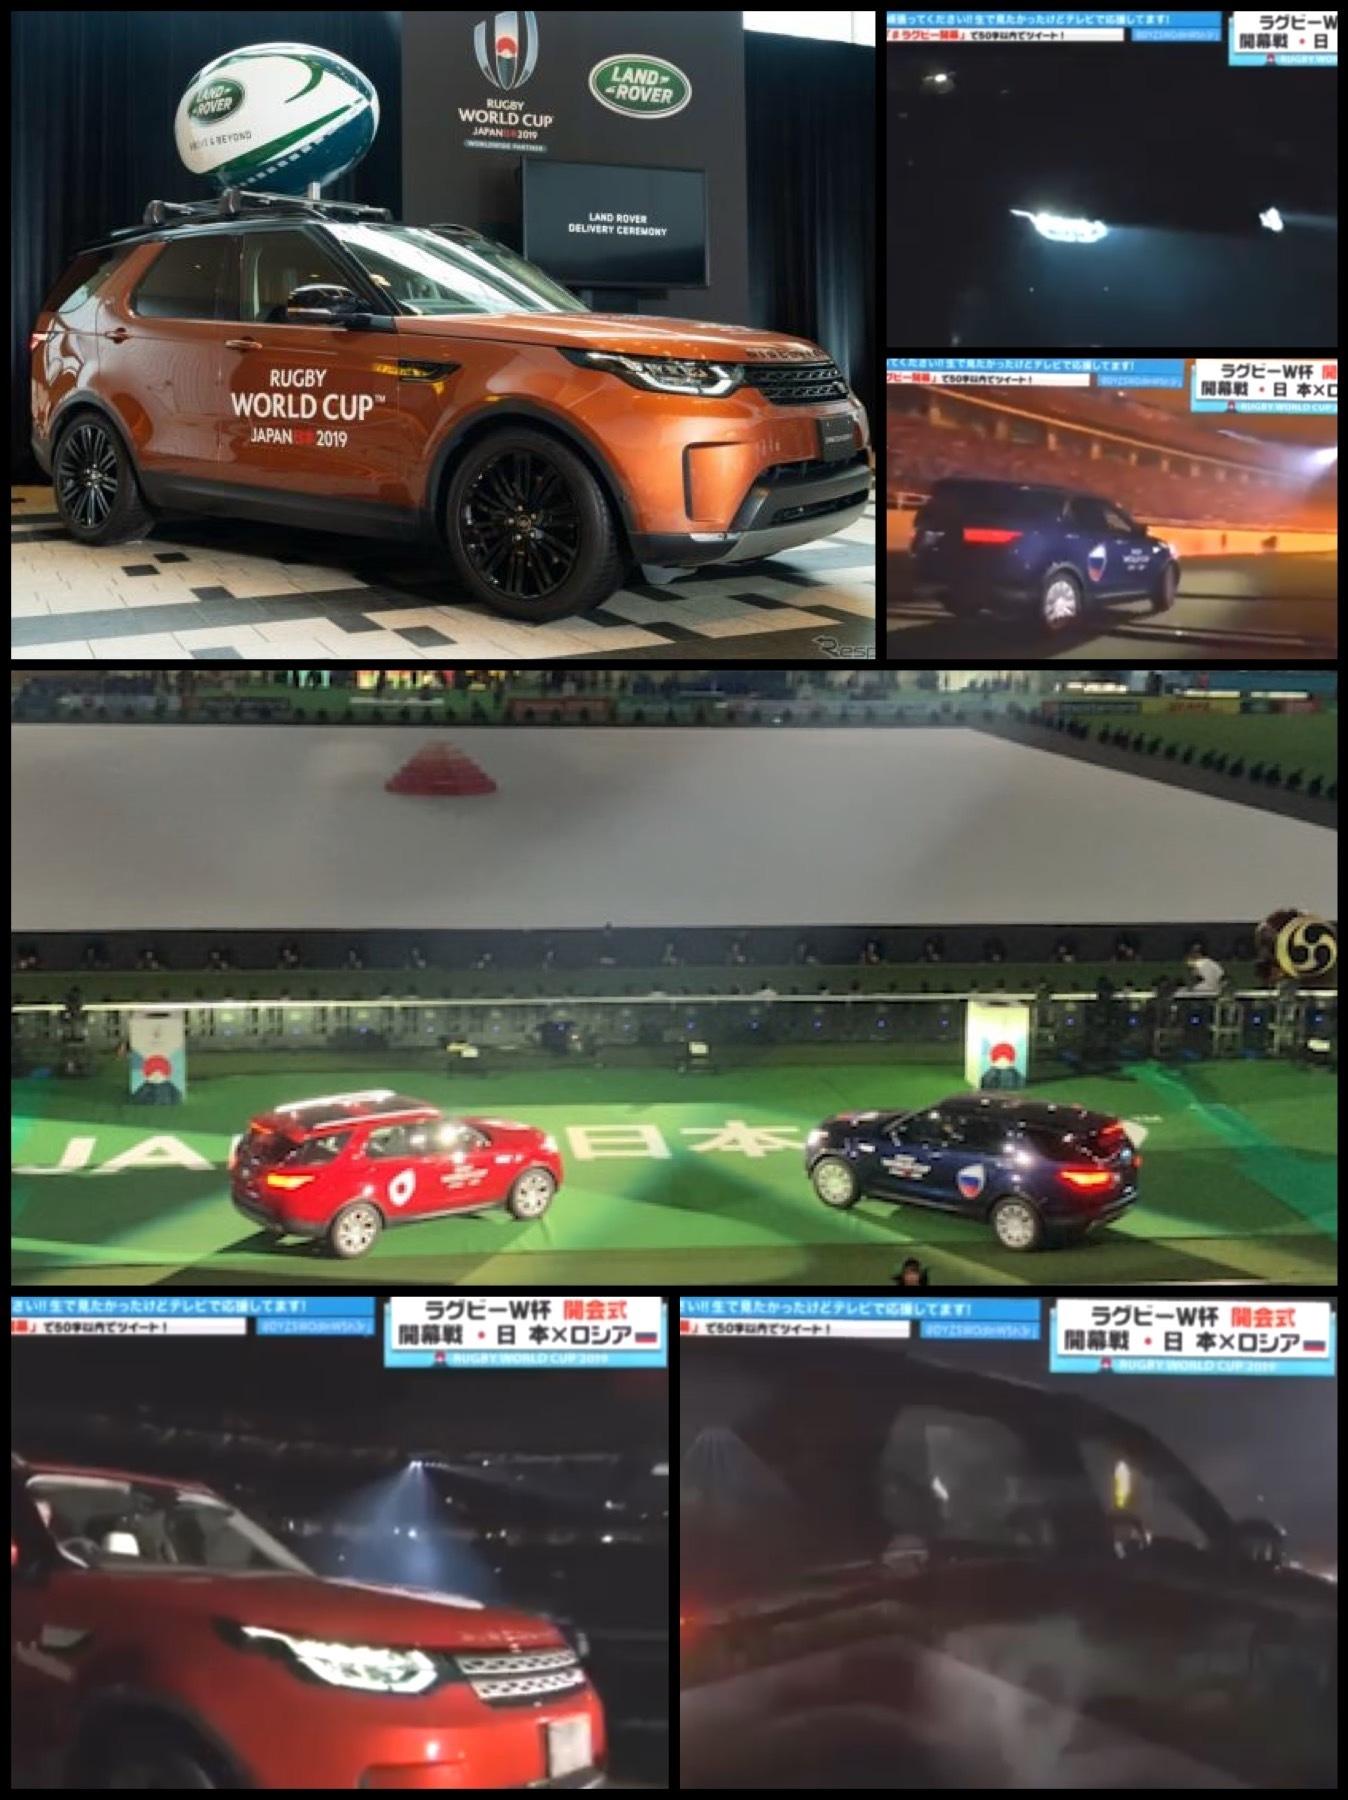 ラグビーワールドカップ2019日本 開会式 ランドローバー